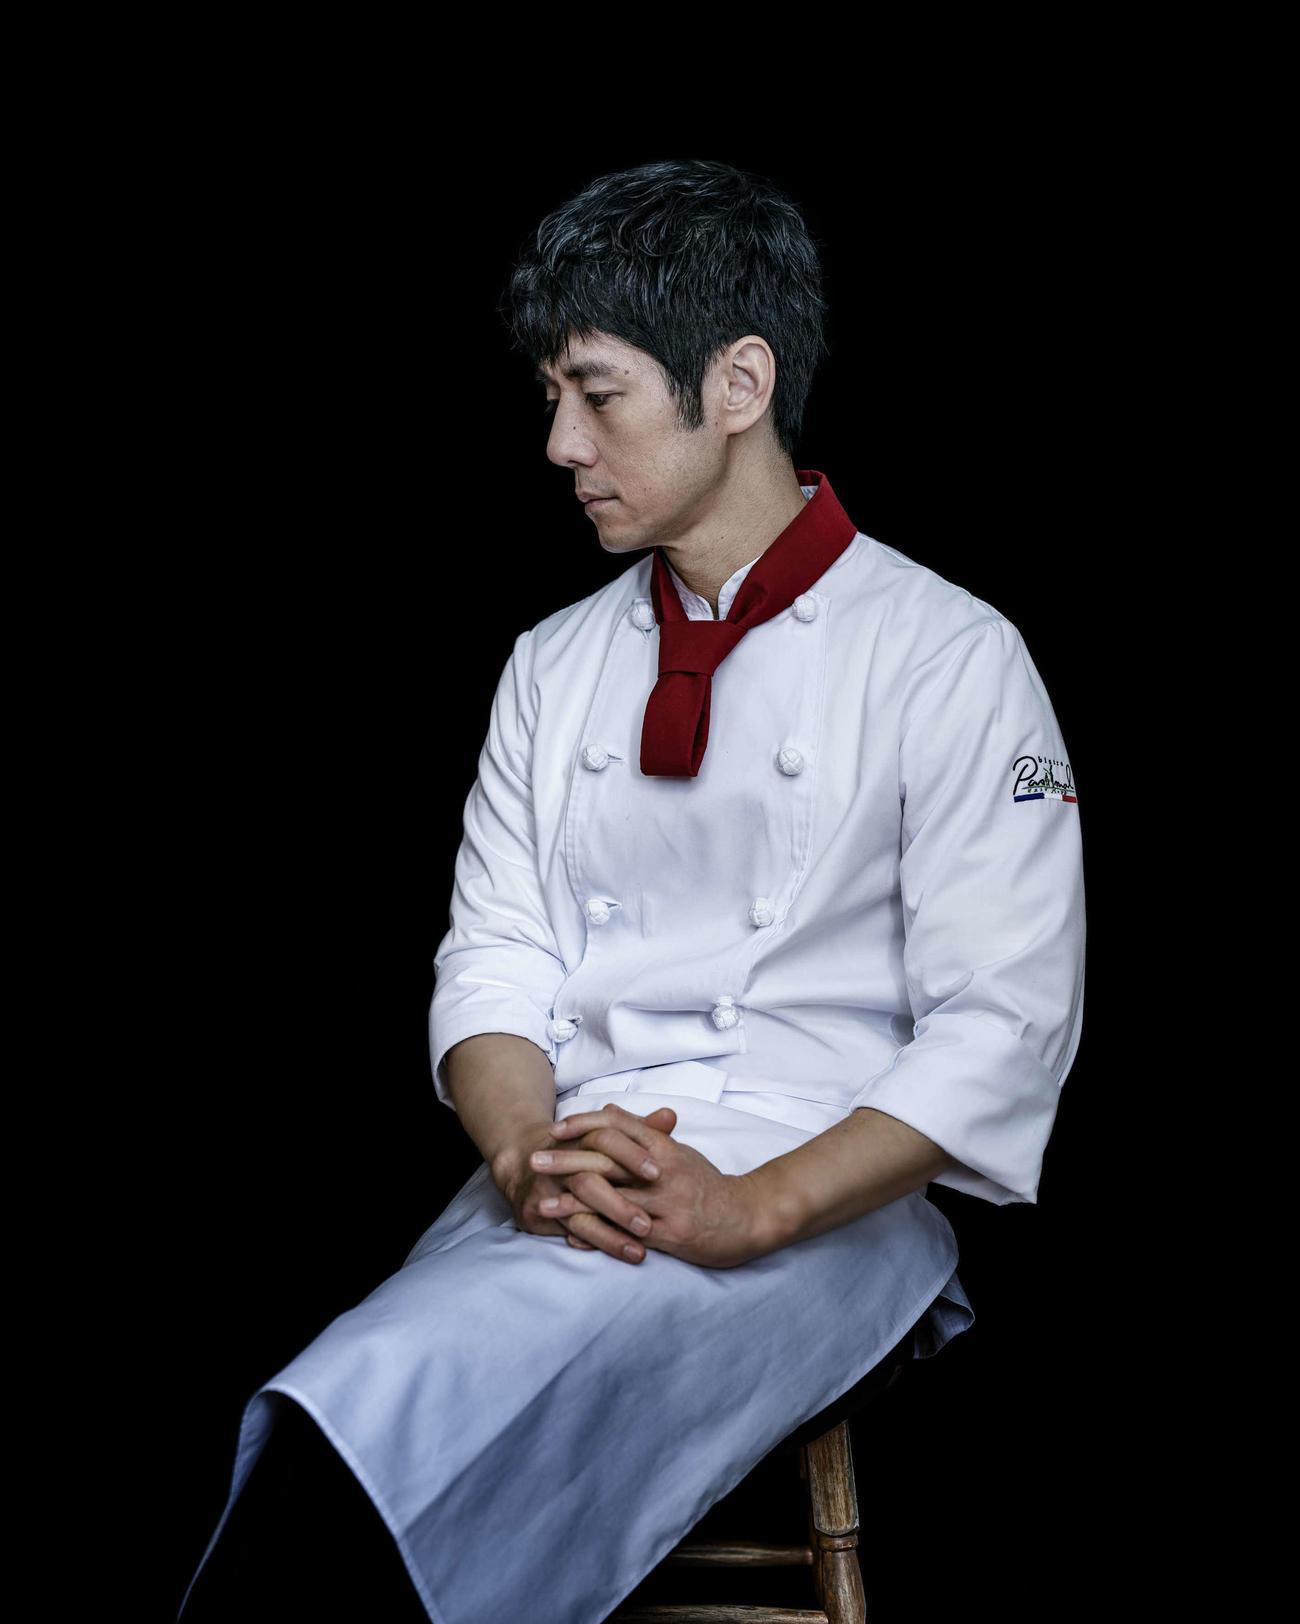 テレビ東京系ドラマ「シェフは名探偵」で主演を務める西島秀俊(c)「シェフは名探偵」製作委員会